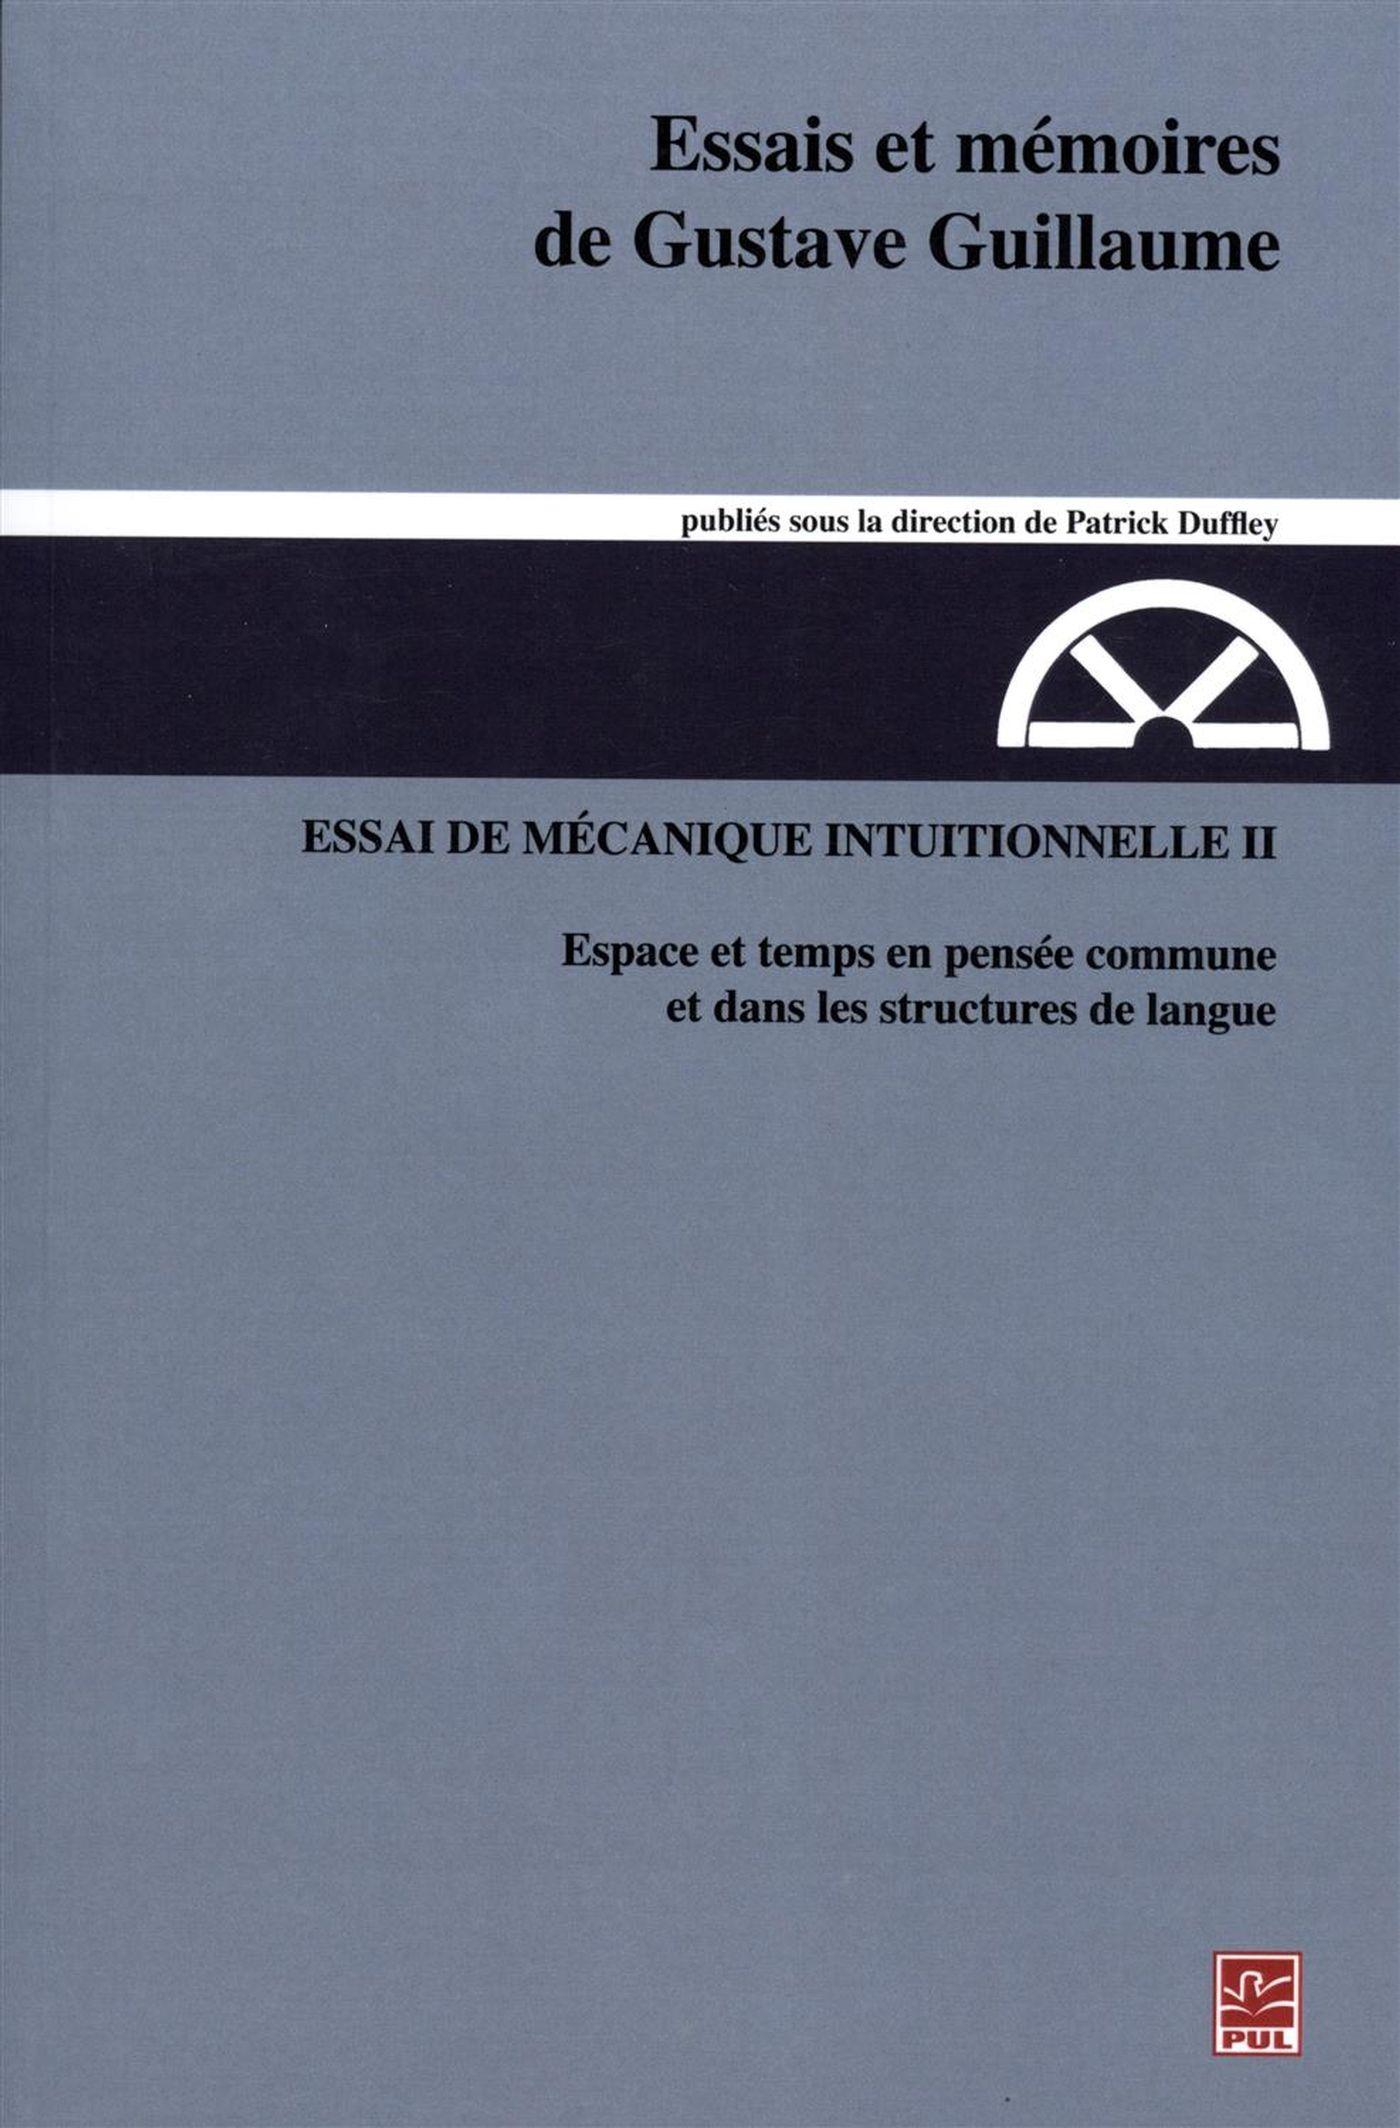 Essais et mémoires de Gustave Guillaume.  Essai de mécanique intuitionnelle II